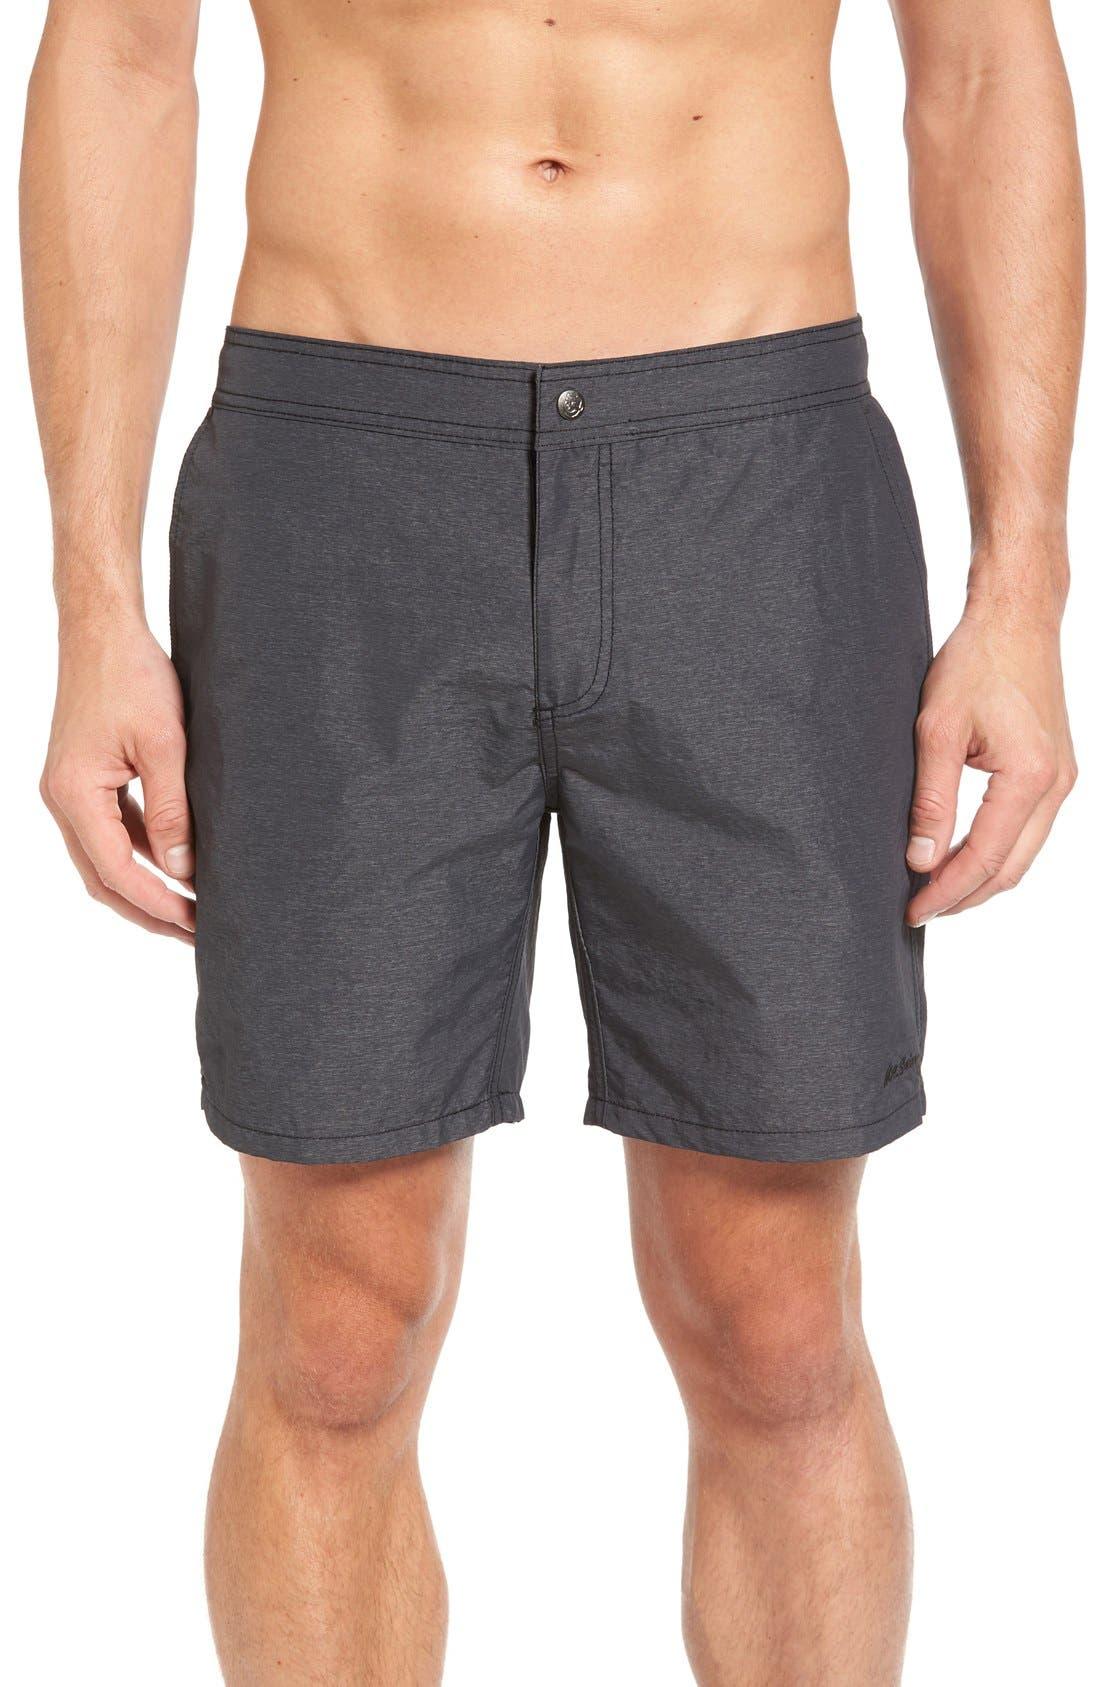 Mr.Swim Hybrid Shorts